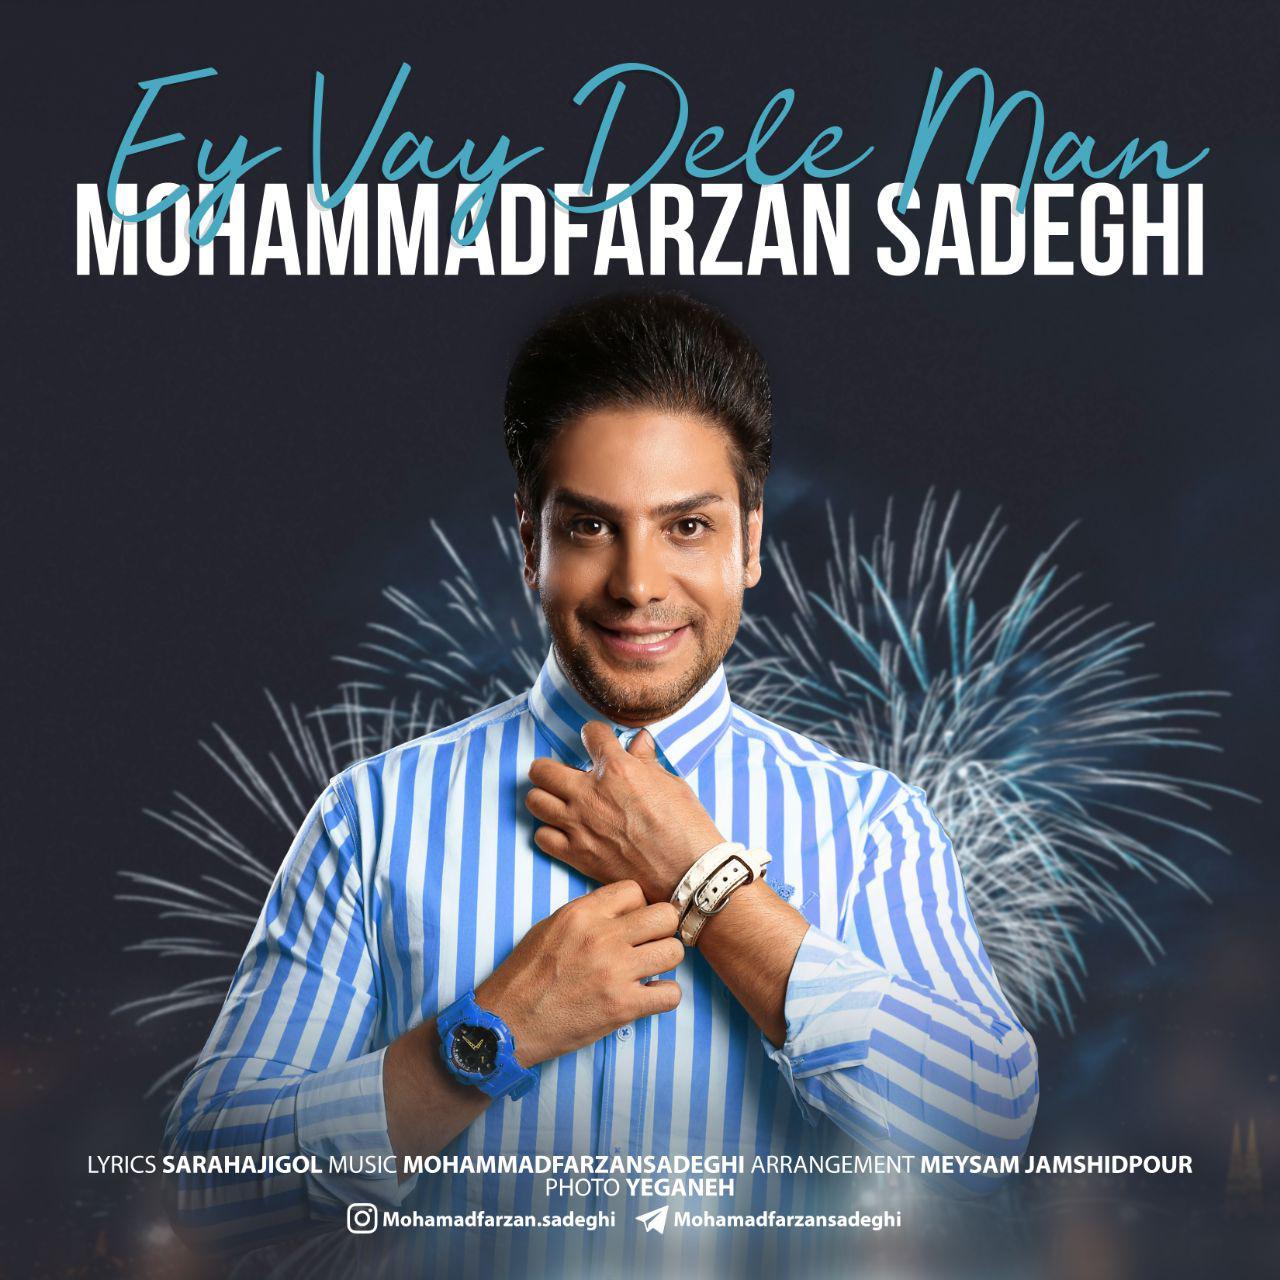 محمد فرزان صادقی به نام ای وای دل من